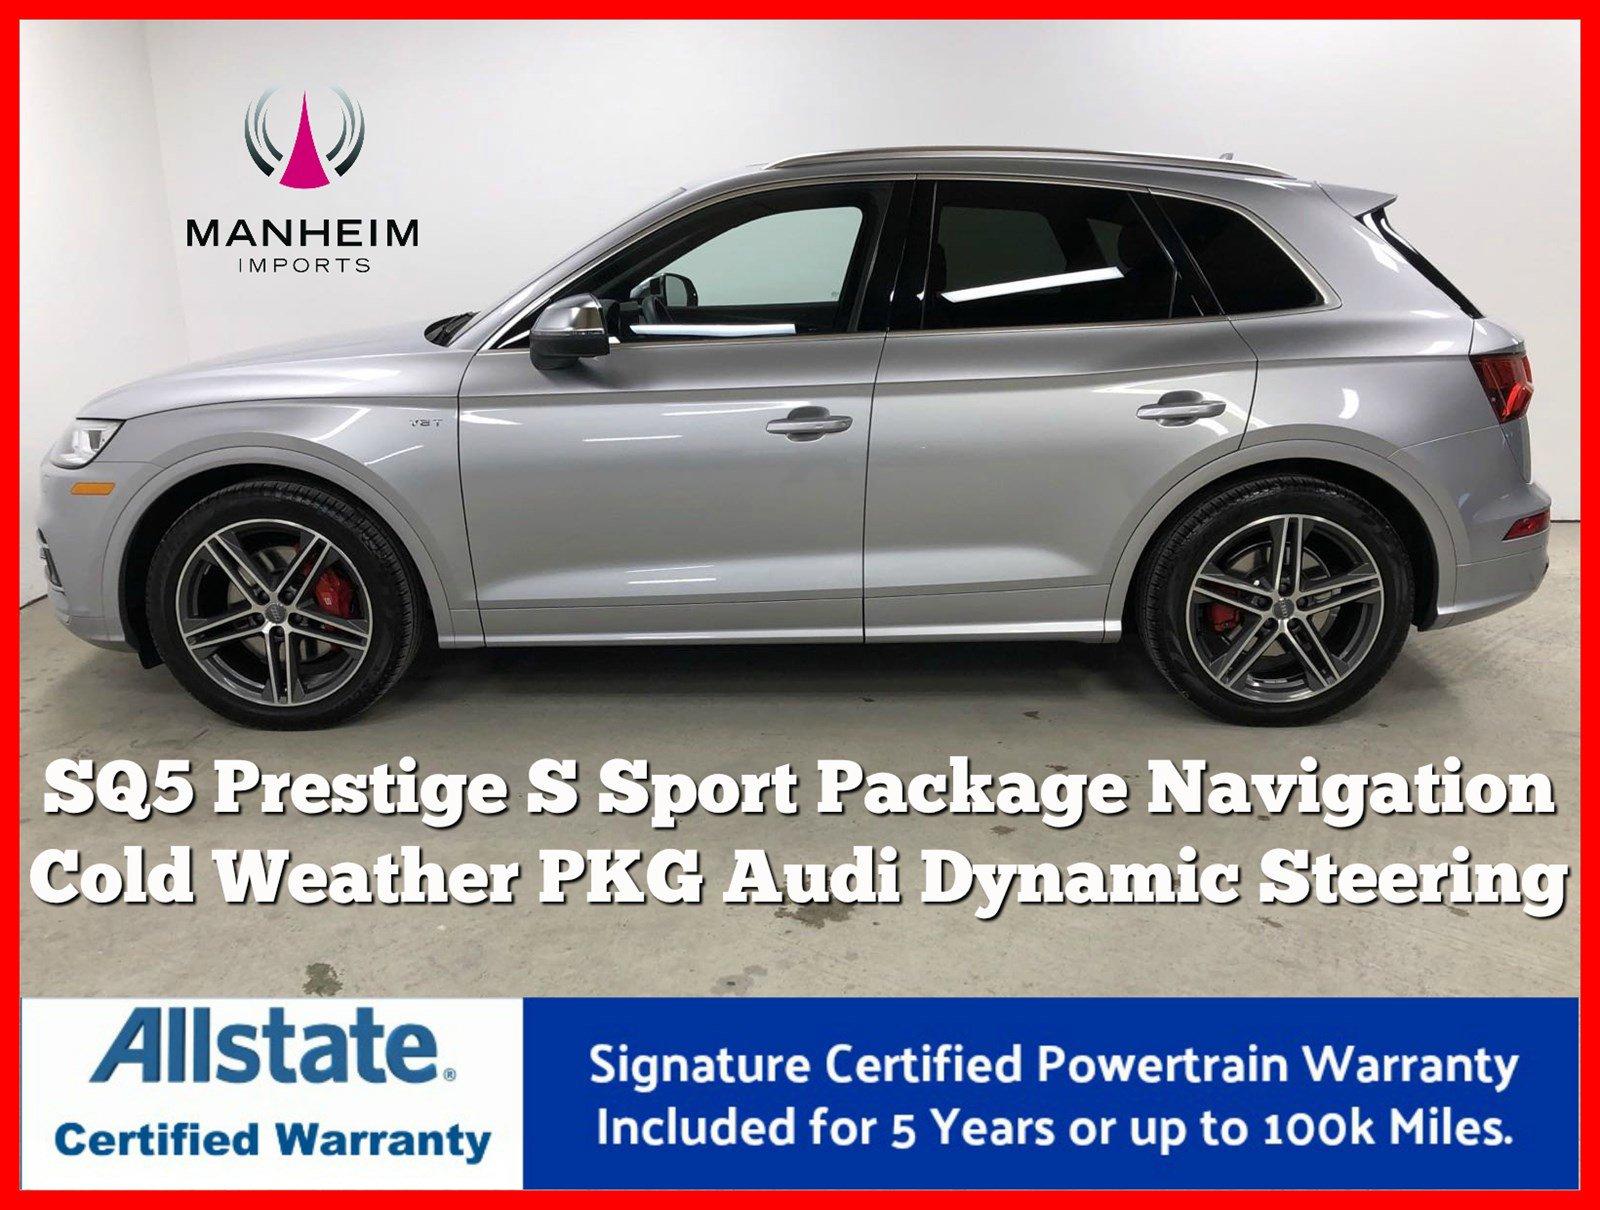 Pre-Owned 2018 Audi SQ5 Prestige 3.0T Quattro S Sport